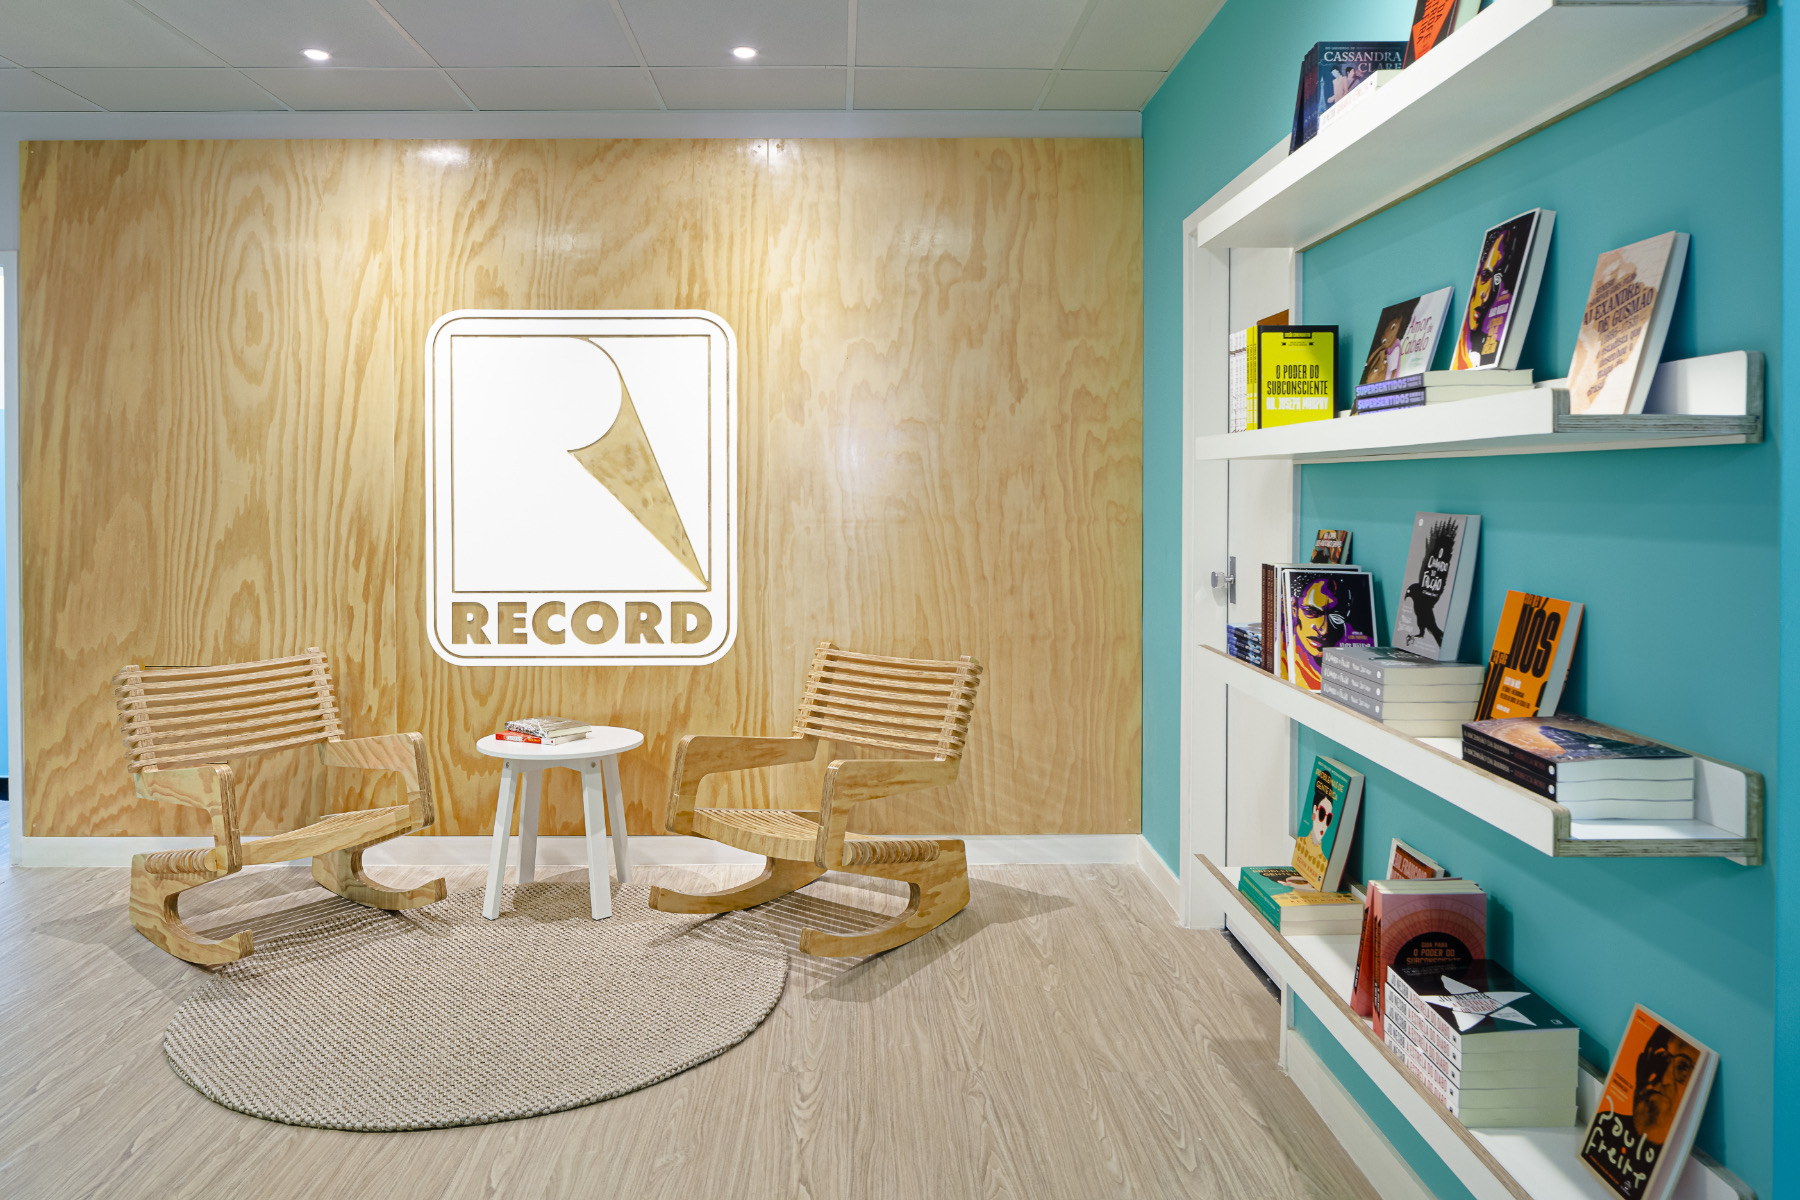 h-record-rio-office-1